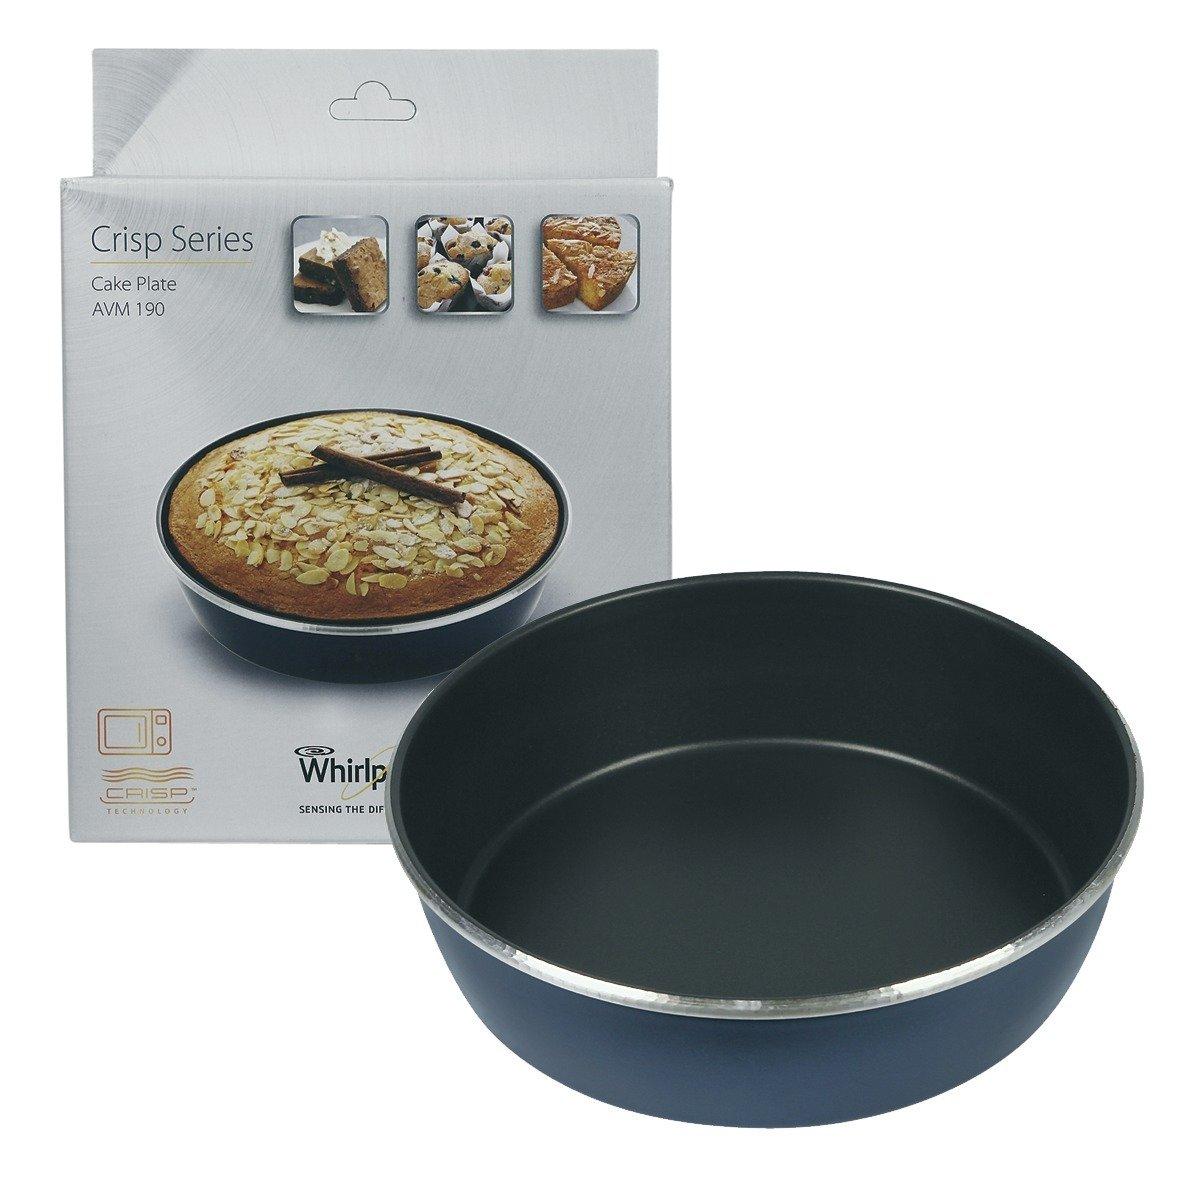 Piatto crisp, Stampo per dolci, diametro 21 cm, alto e 5,5 cm, avm190 per forno a microonde whirlpool il10/wh